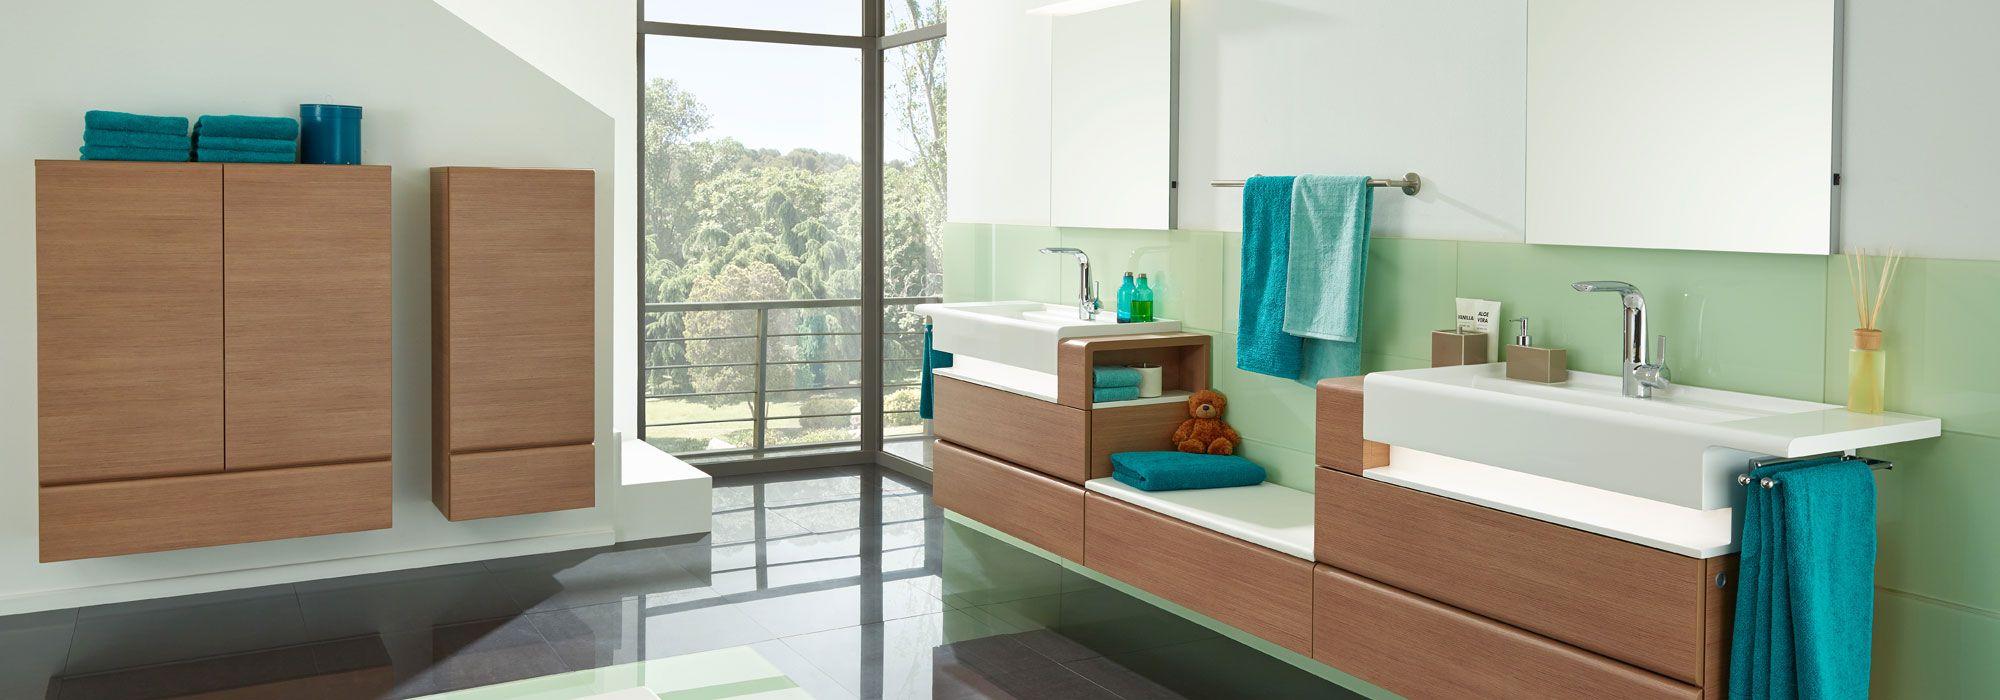 Raguno // Badezimmer Möbel und Waschtische // Produktdesign ...